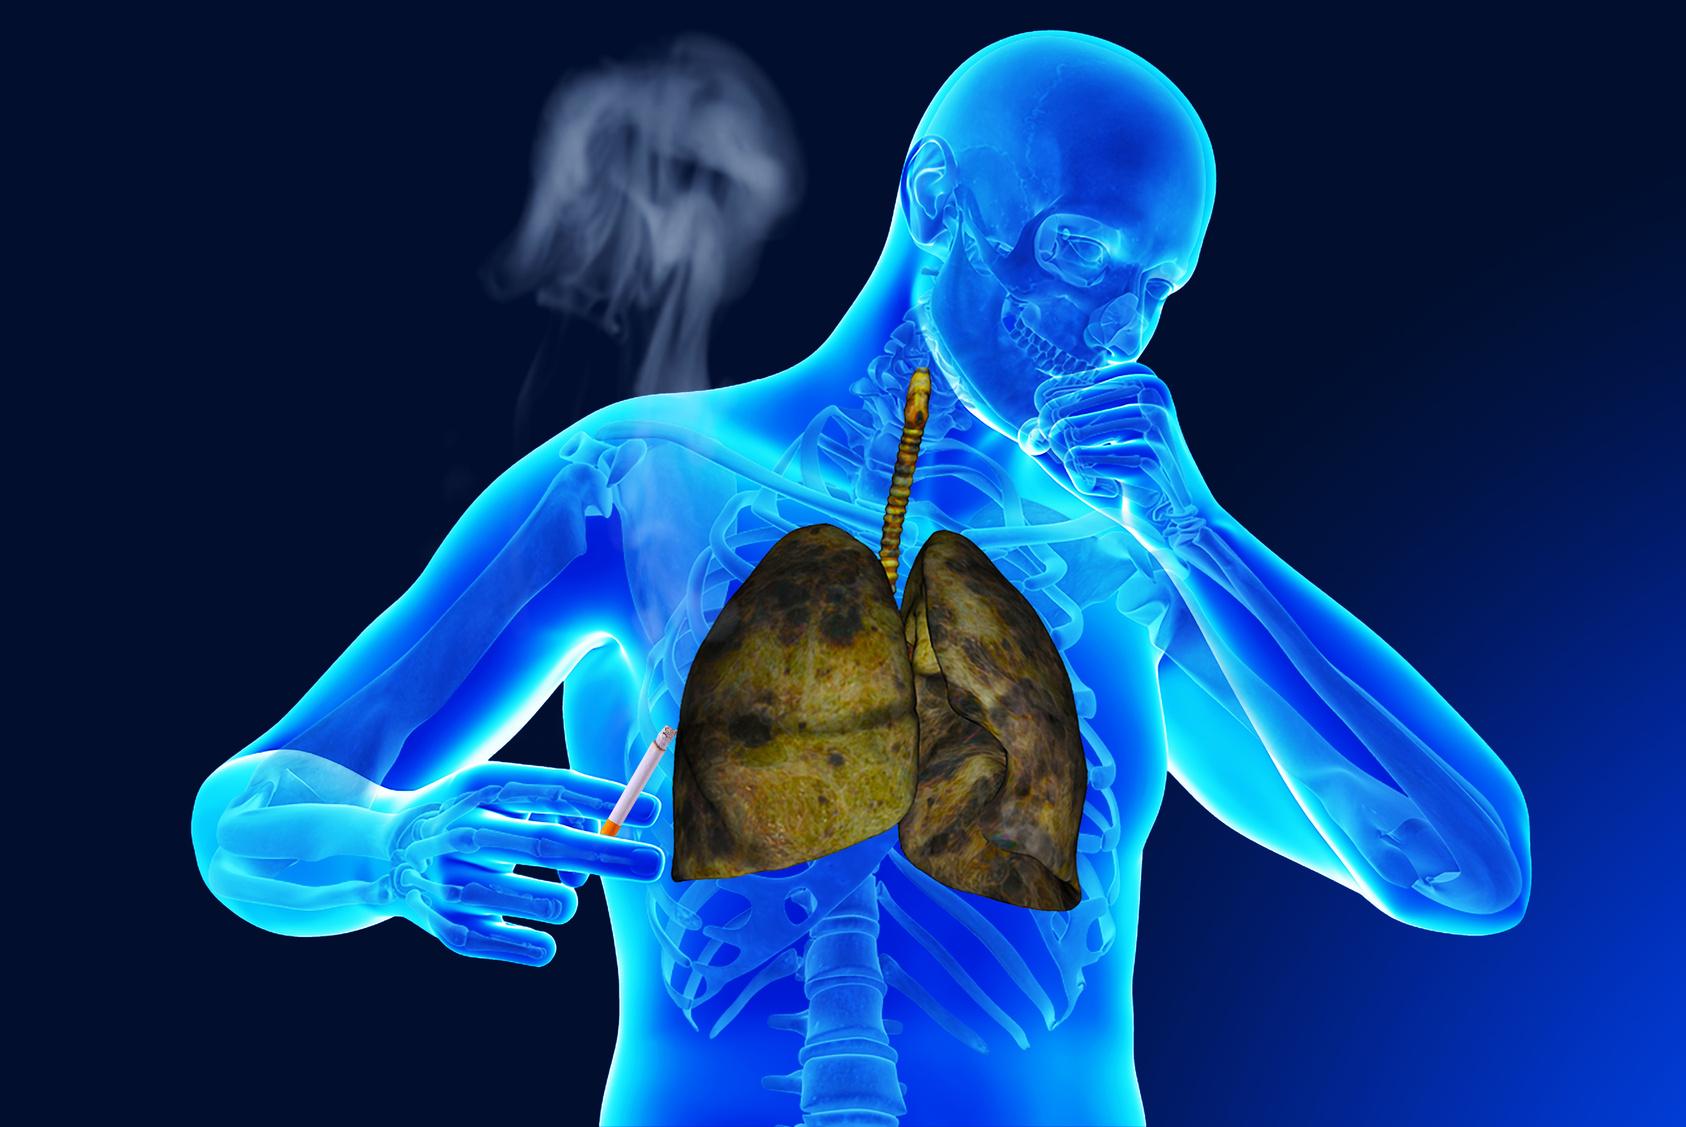 неприятный запах изо рта утром чем лечиться